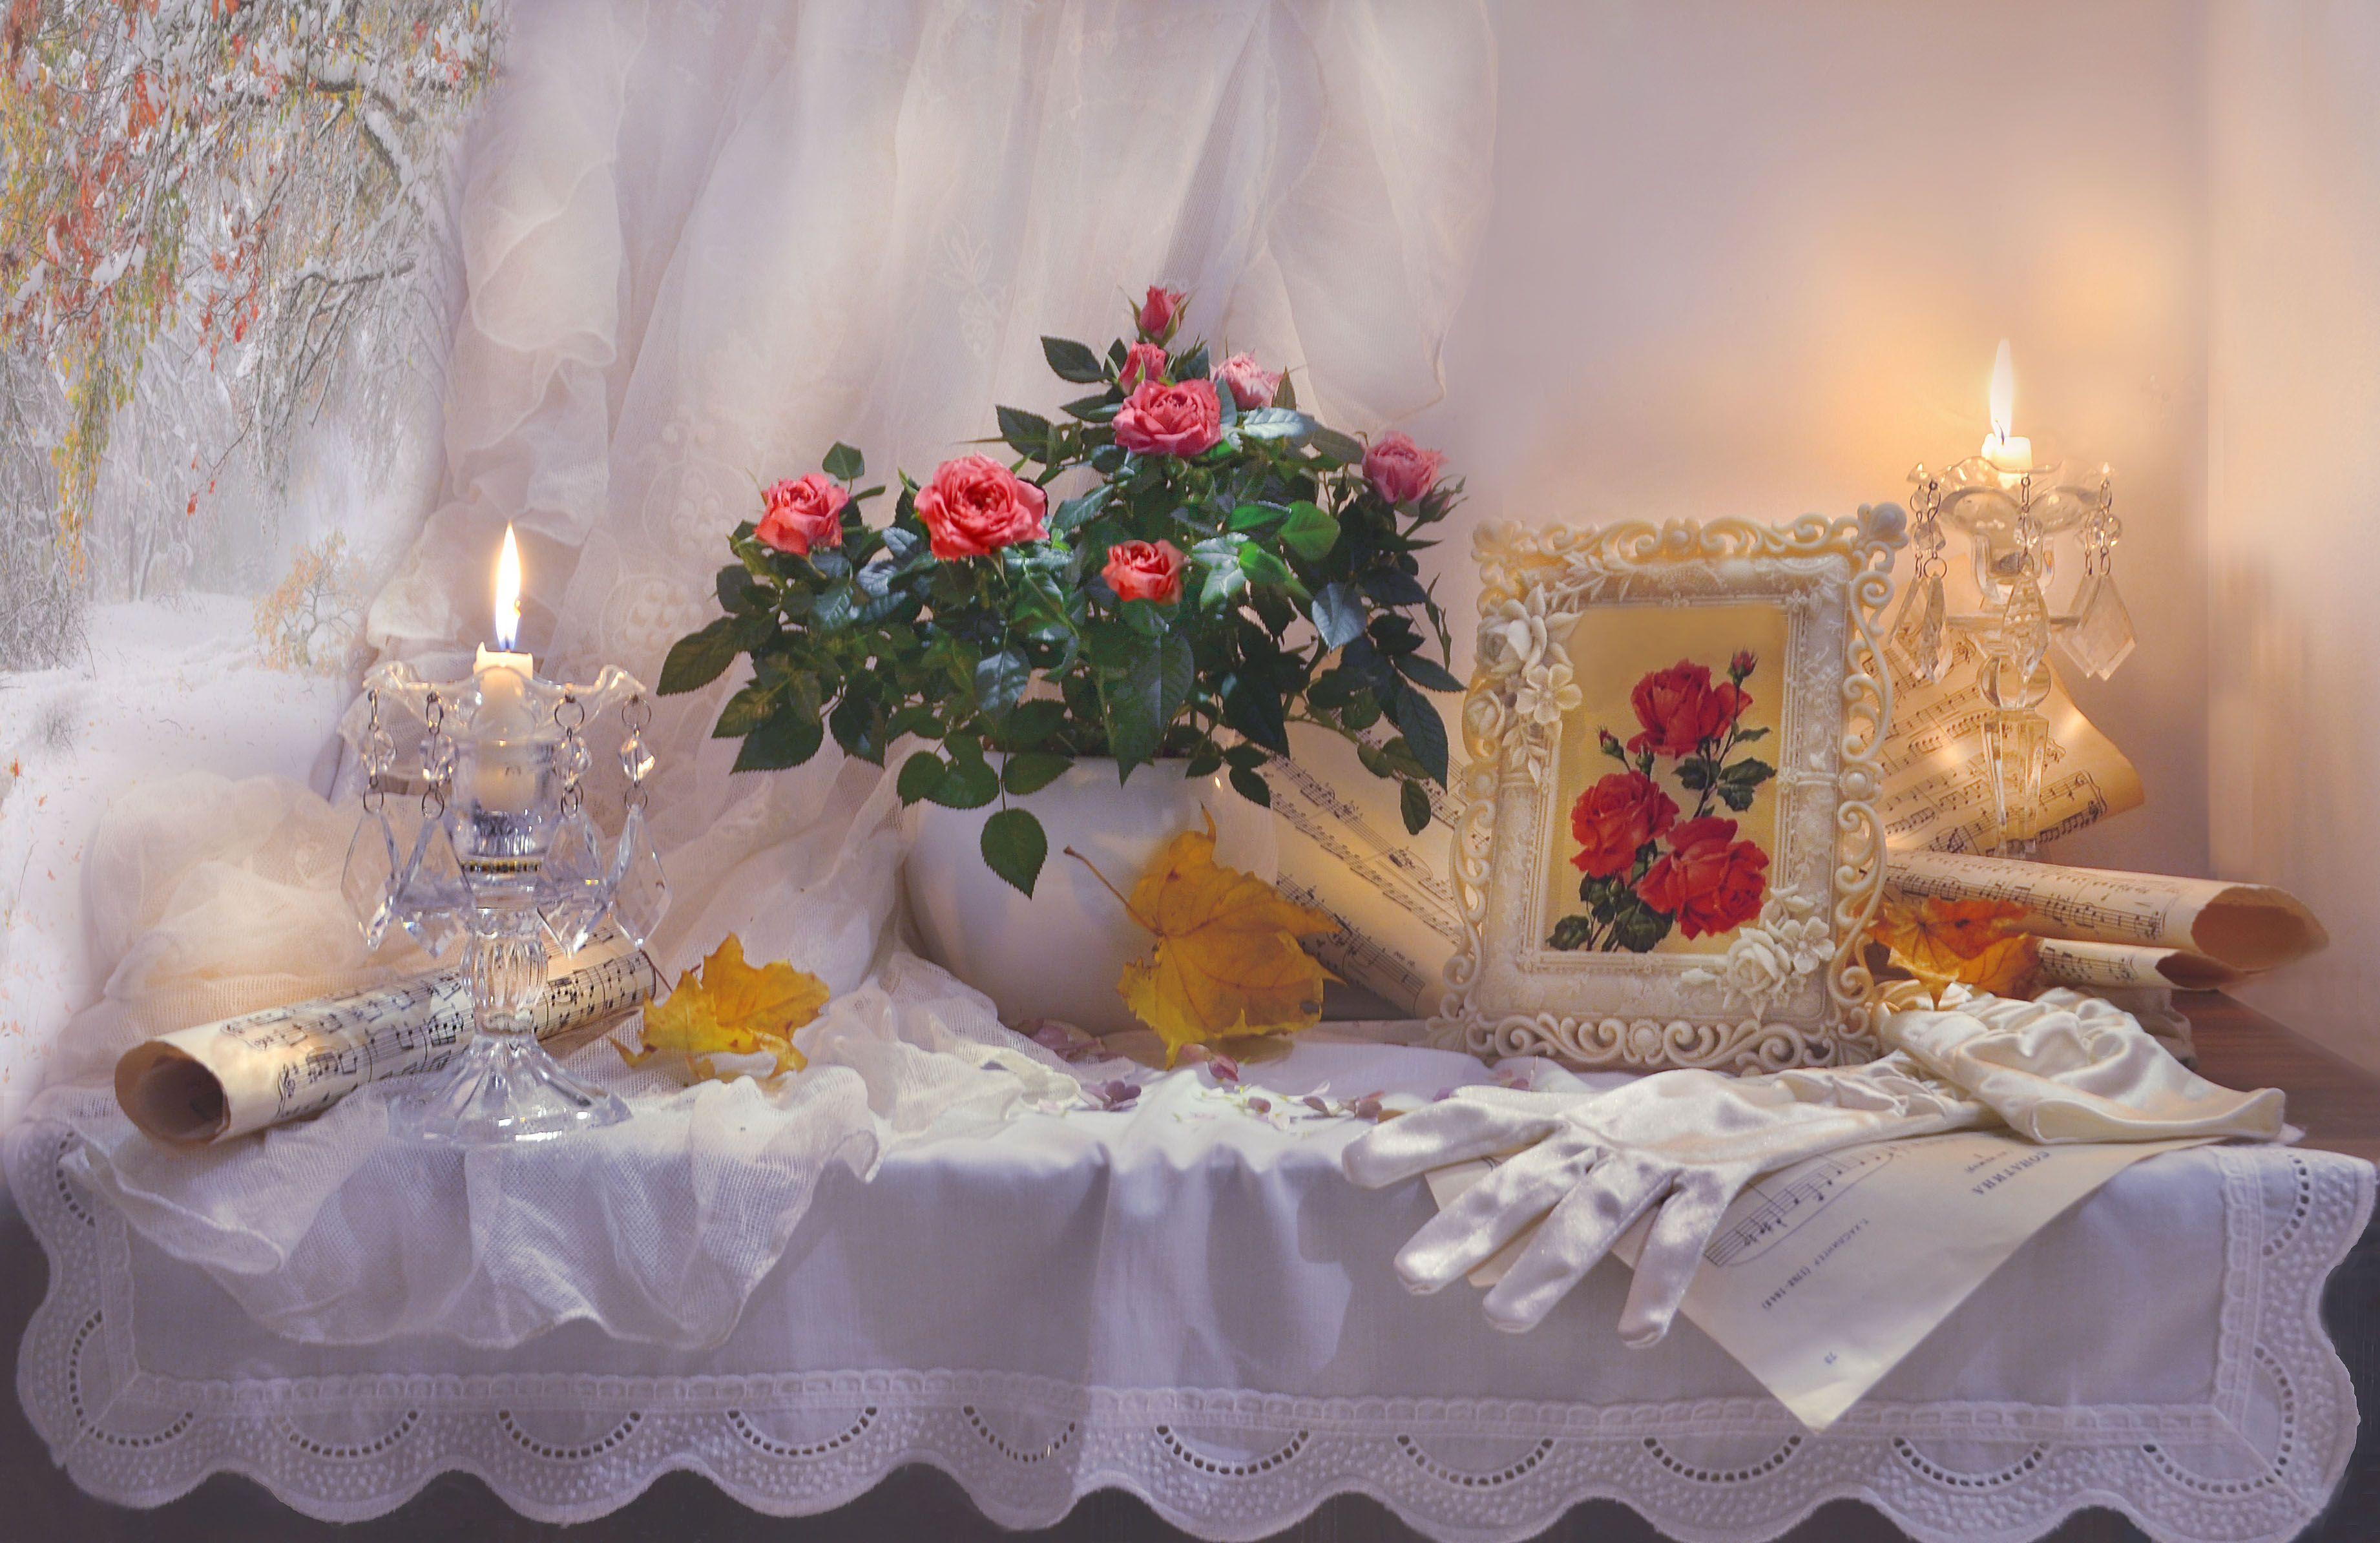 still life, натюрморт, цветы,розы, натюрморт,  зима, декабрь, свечи, ноты, перчатки, стихи, кленовые листья, акварель \, Колова Валентина